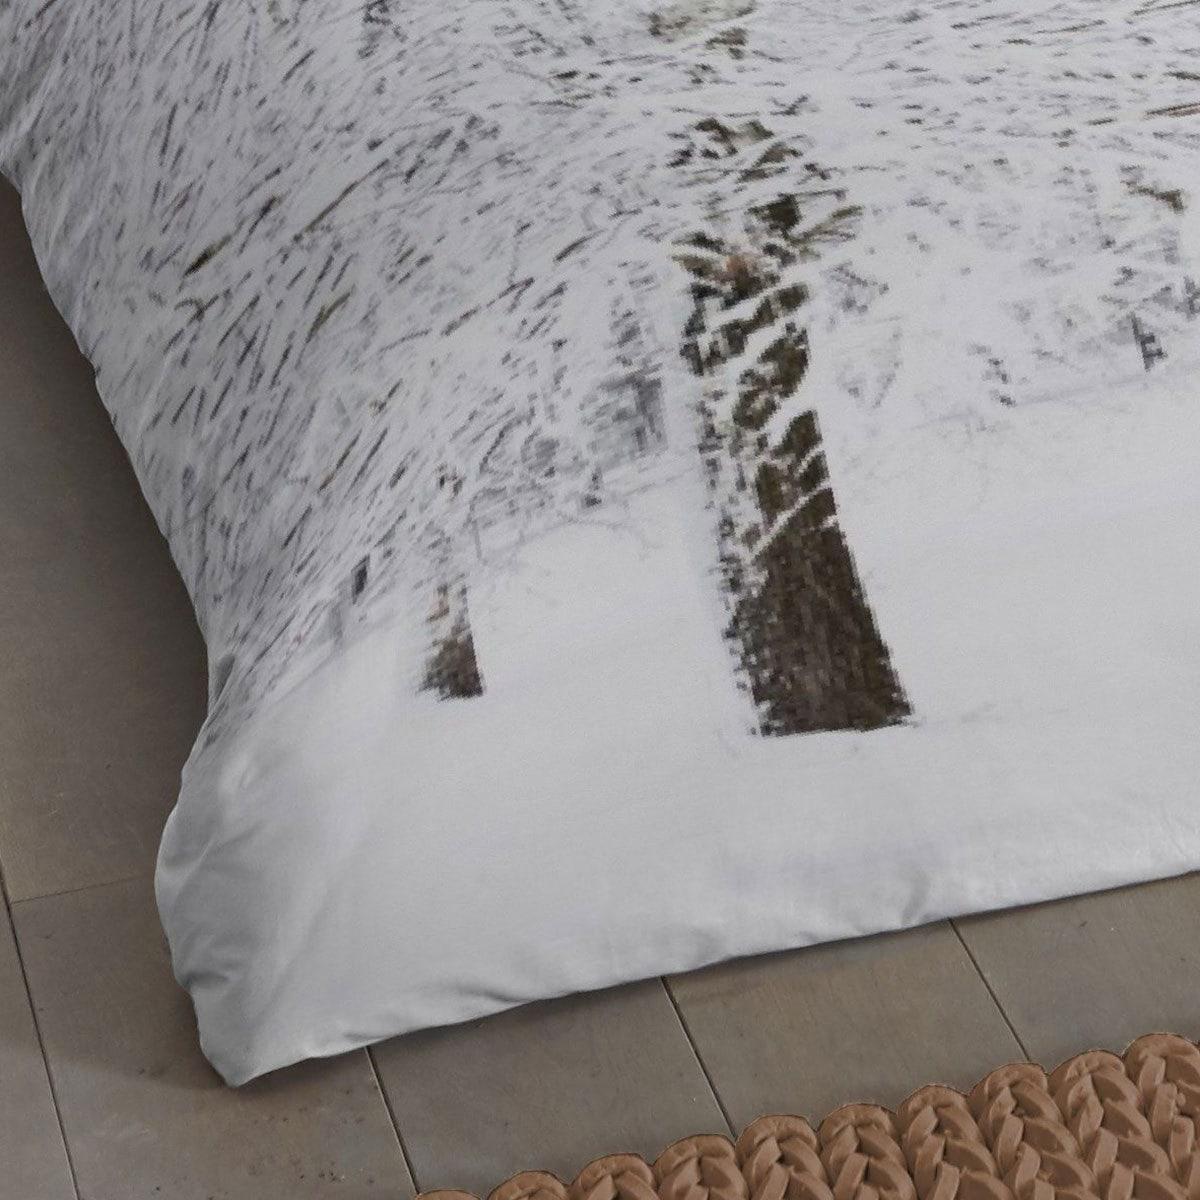 traumschlaf flanell bettw sche winterwald g nstig online kaufen bei bettwaren shop. Black Bedroom Furniture Sets. Home Design Ideas